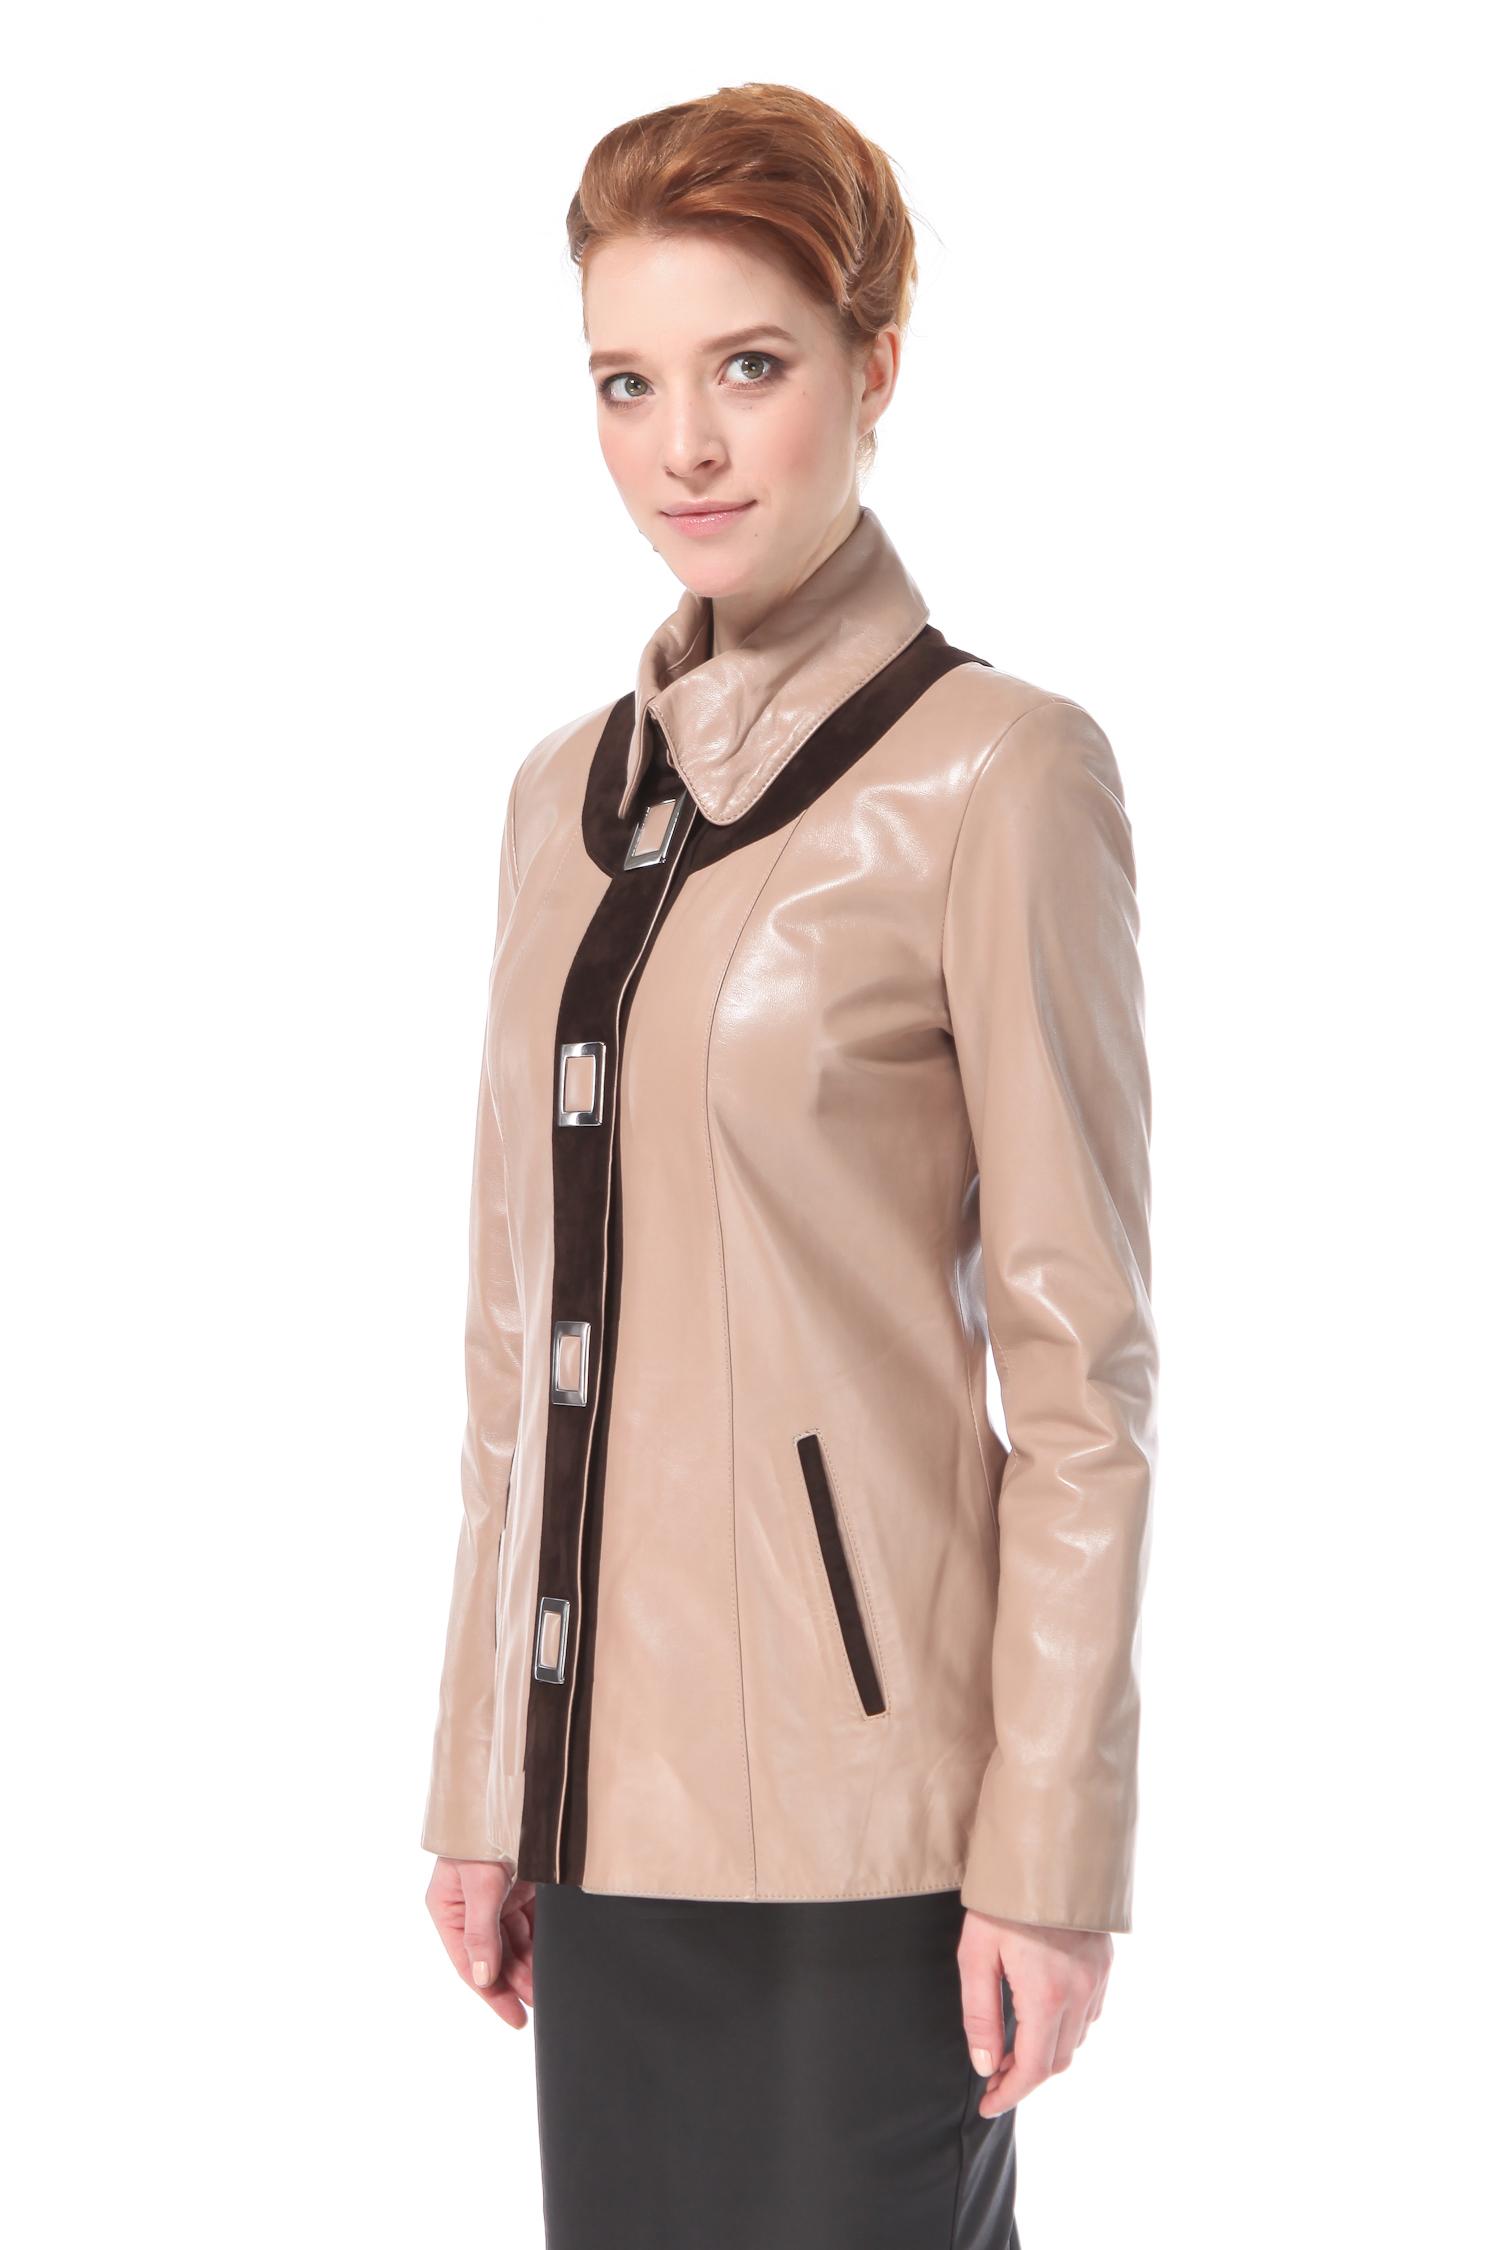 Женская кожаная куртка из натуральной кожи с воротником, без отделкиЦвет – карамель (теплый светлый бежево-розоватый).Классическая куртка продолжает оставаться на гребне волны в бурном море современного разнообразия смешений стилей, красок и отделочных декоративных элементов. Данная классическая модель отличается удачной комбинацией лаконичного прямого кроя, контрастной вертикальной замшевой отделки, эффектно переходящей в декор зоны декольте, позволяя ее обладательницам выглядеть безупречно и очень статусно. Оригинальные, крупные геометричные кнопки делают образ более строгим, одновременно визуально вытягивая силуэт, придавая ему стройность и собранность. Эта элегантная модель удовлетворит запросы самых требовательных покупательниц.<br><br>Длина см: 70<br>Материал: Натуральная кожа<br>Цвет: Бежевый<br>Застежка: Синтепон<br>Пол: Женский